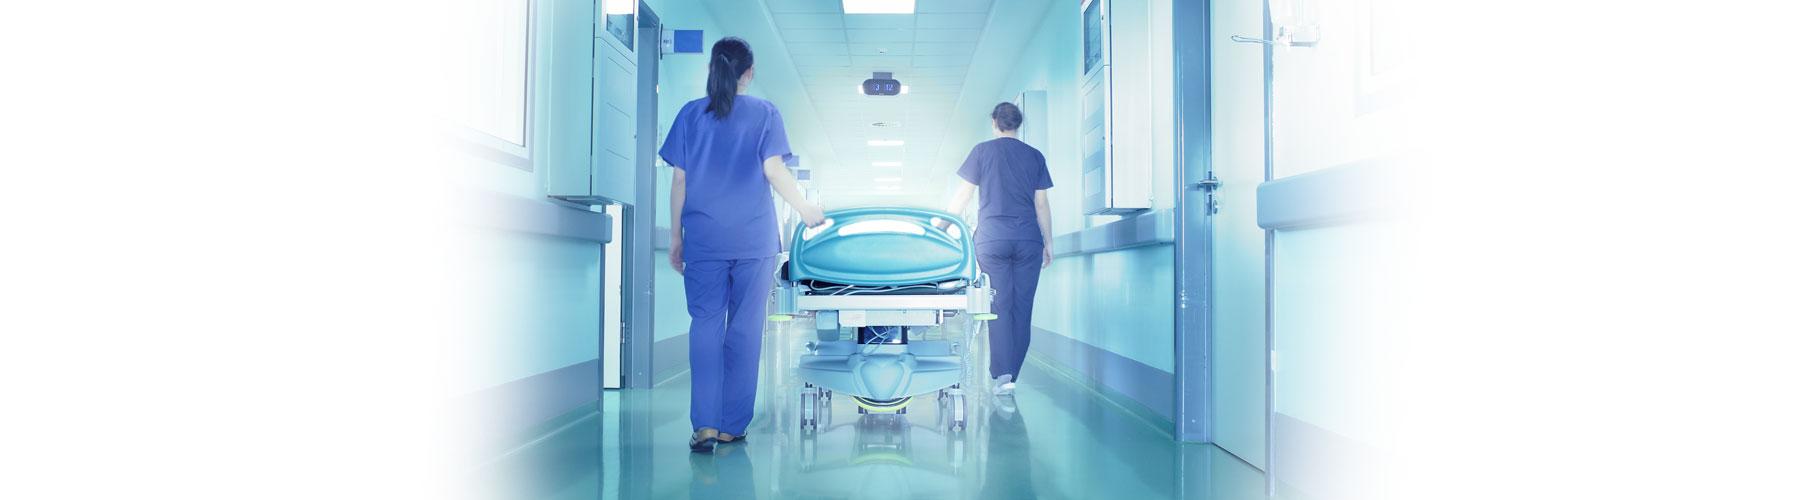 Cómo elegir curso de enfermería online